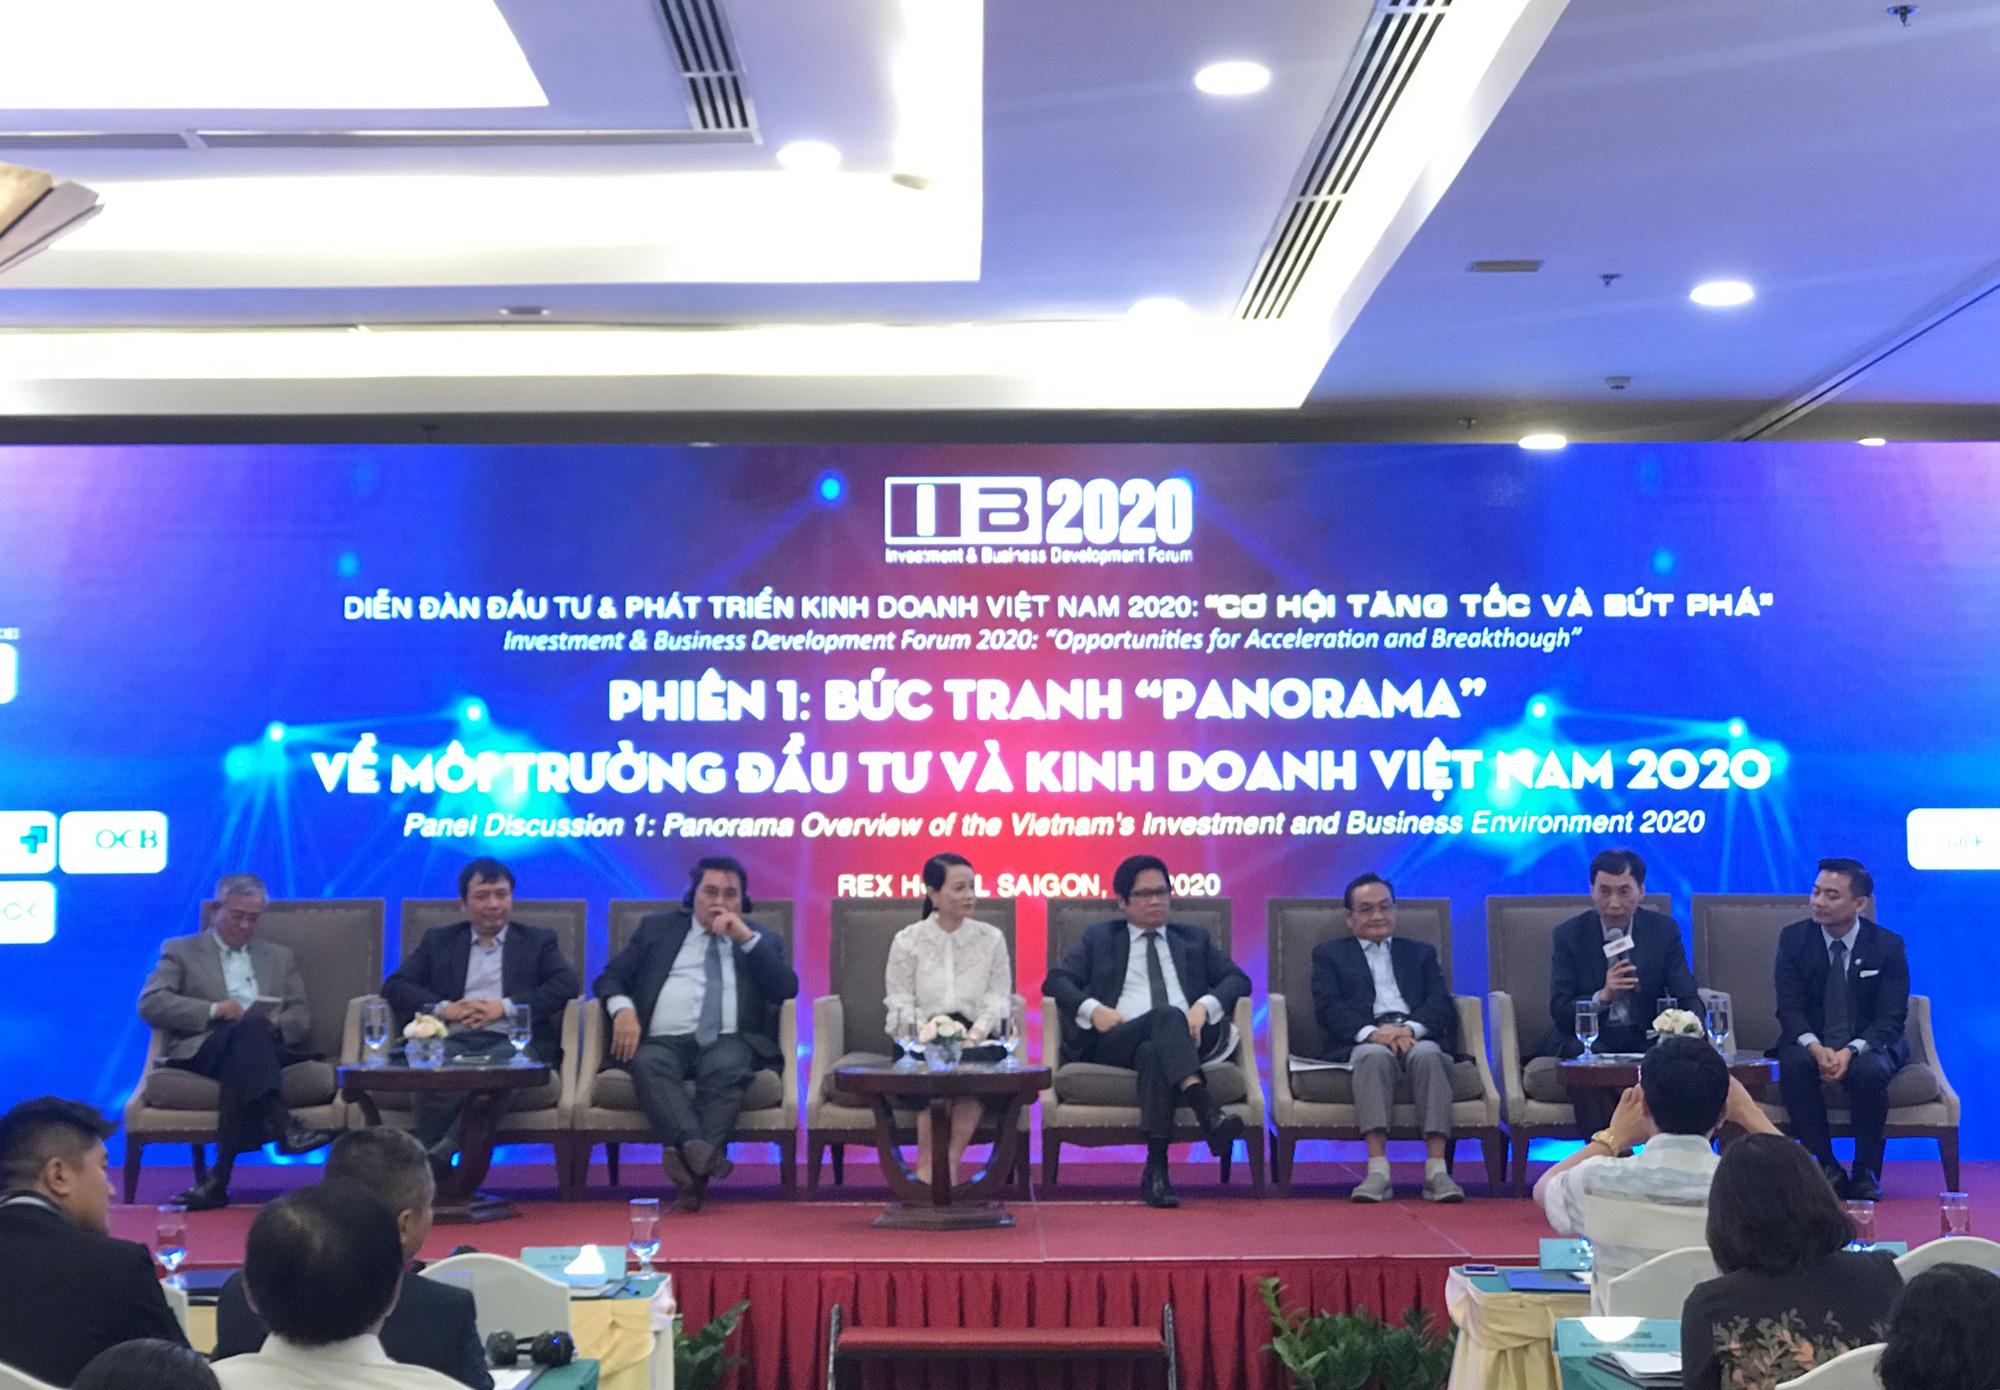 Chuyên gia kinh tế Võ Trí Thành: Hà Nội, TP HCM chưa bao giờ nghẽn như vậy - Ảnh 2.